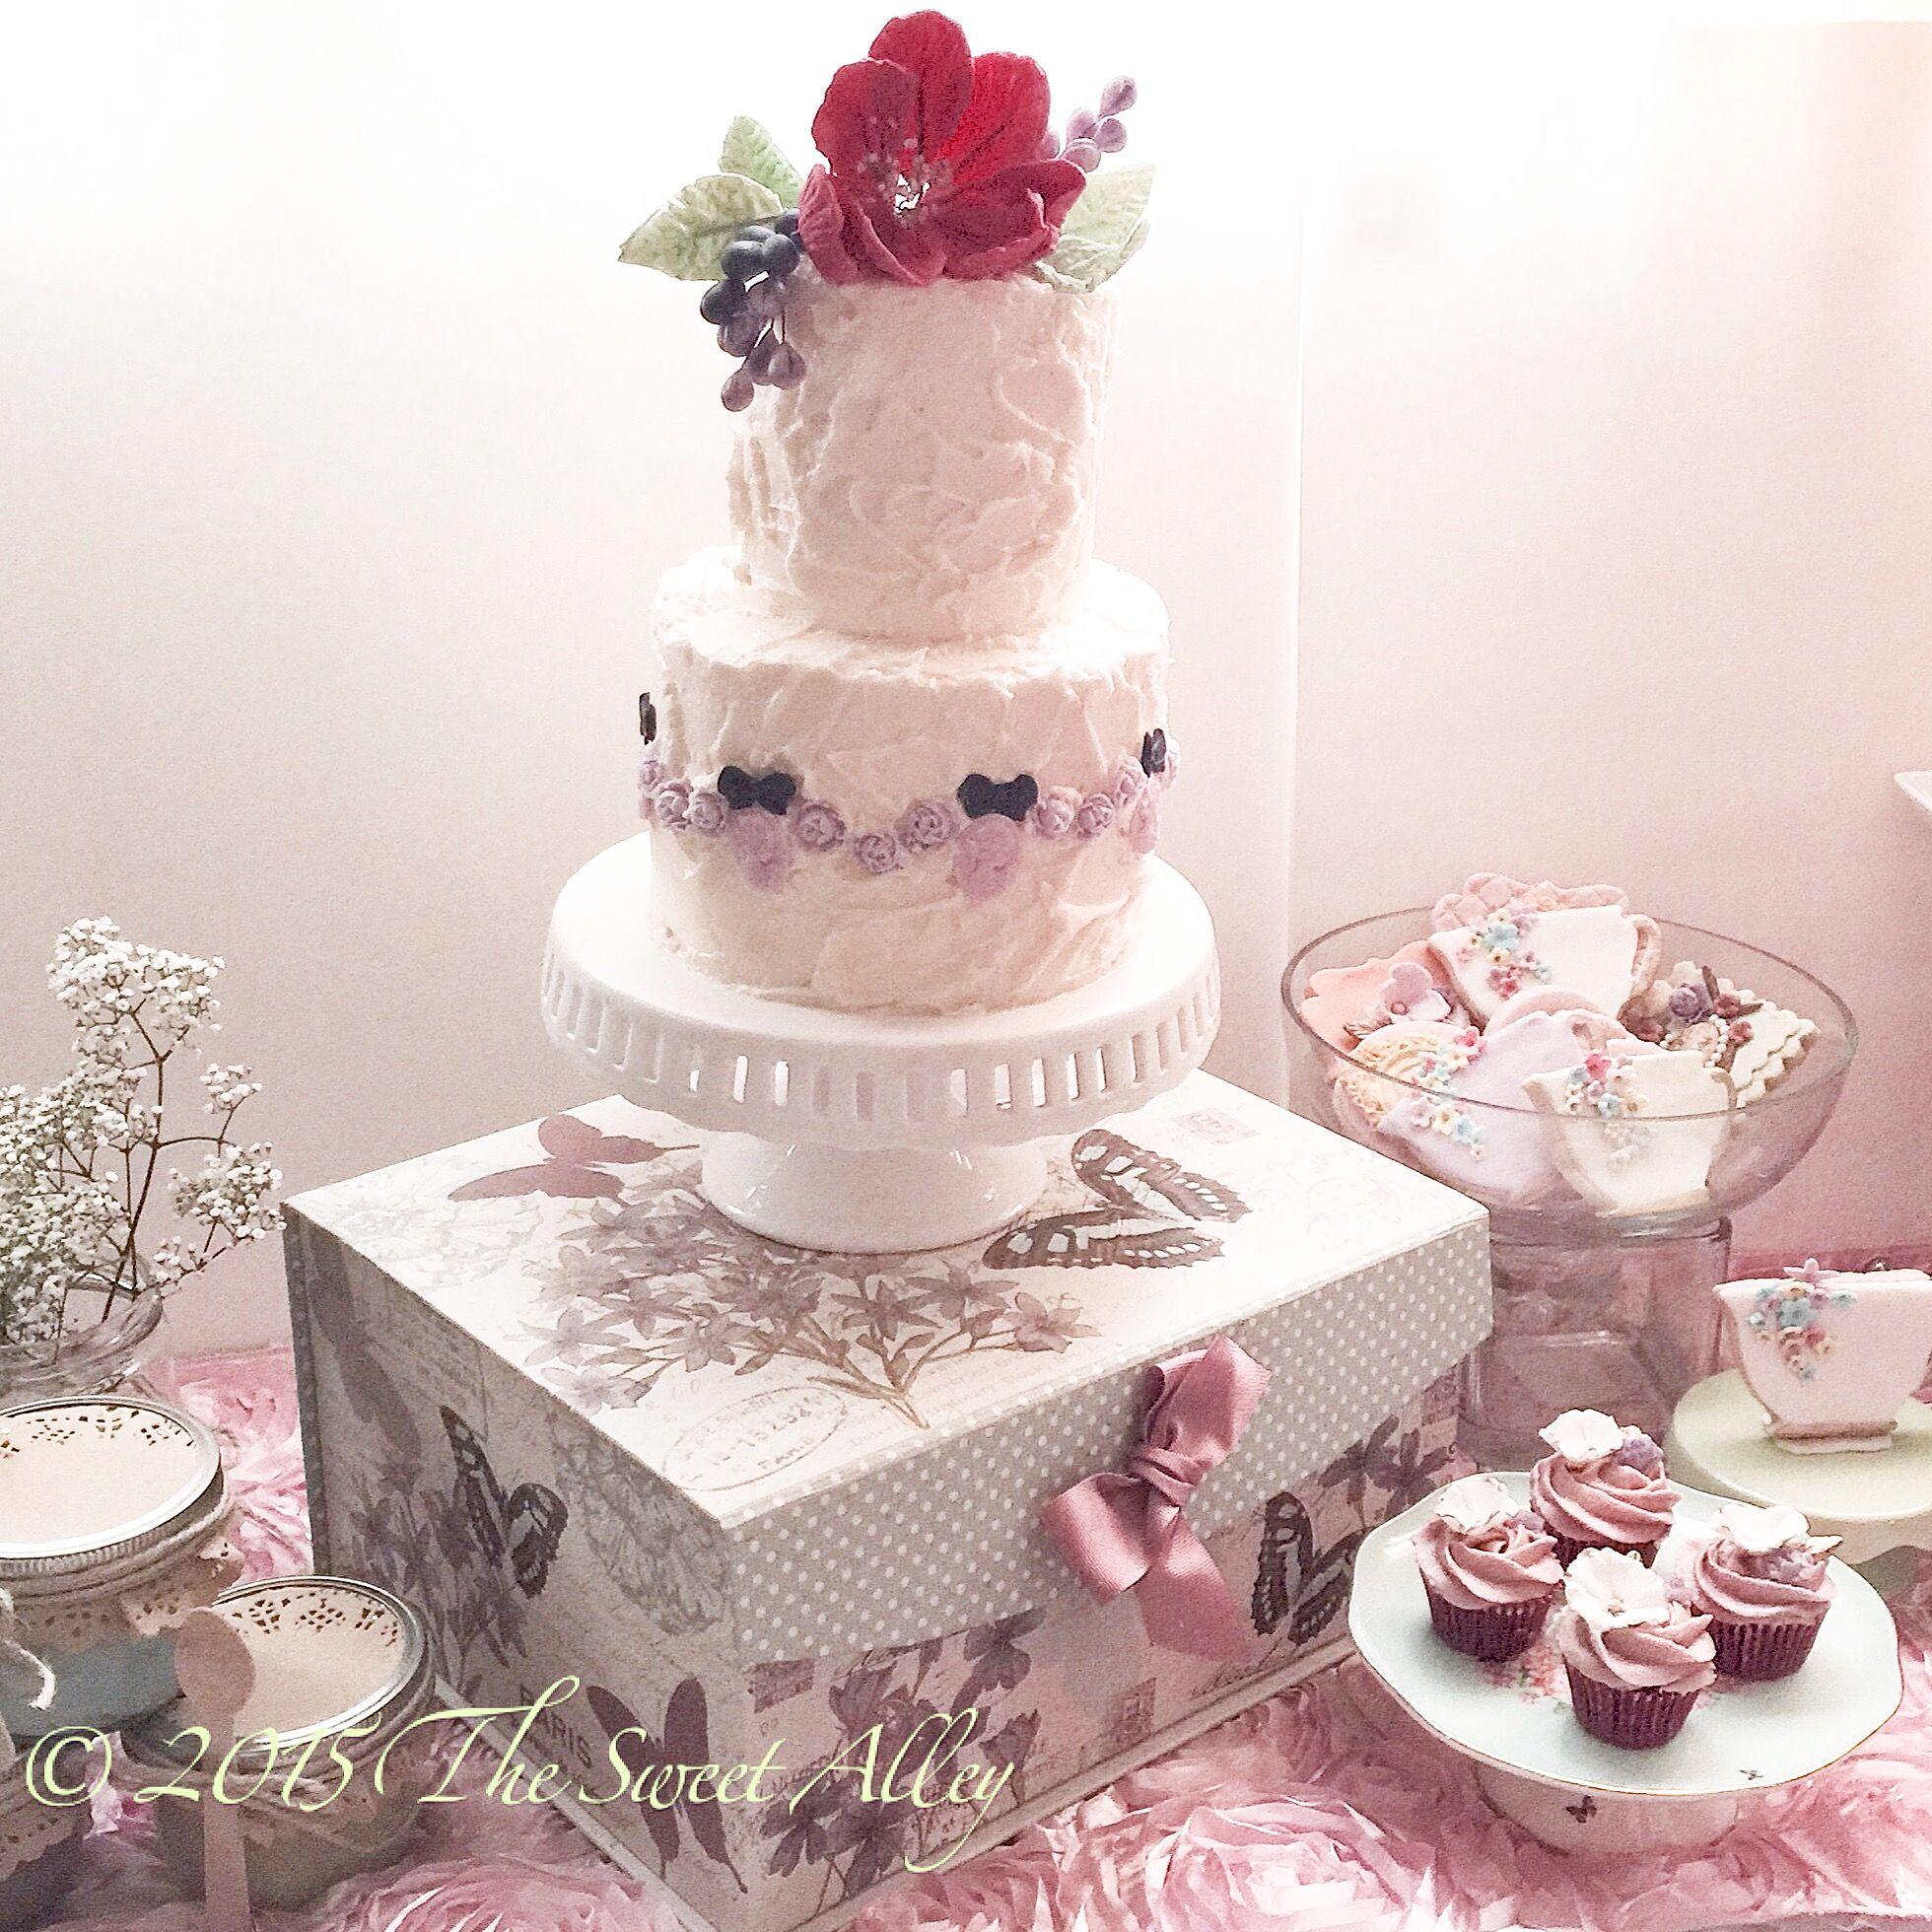 Vintagethemed dessert table for a bridal showertea party